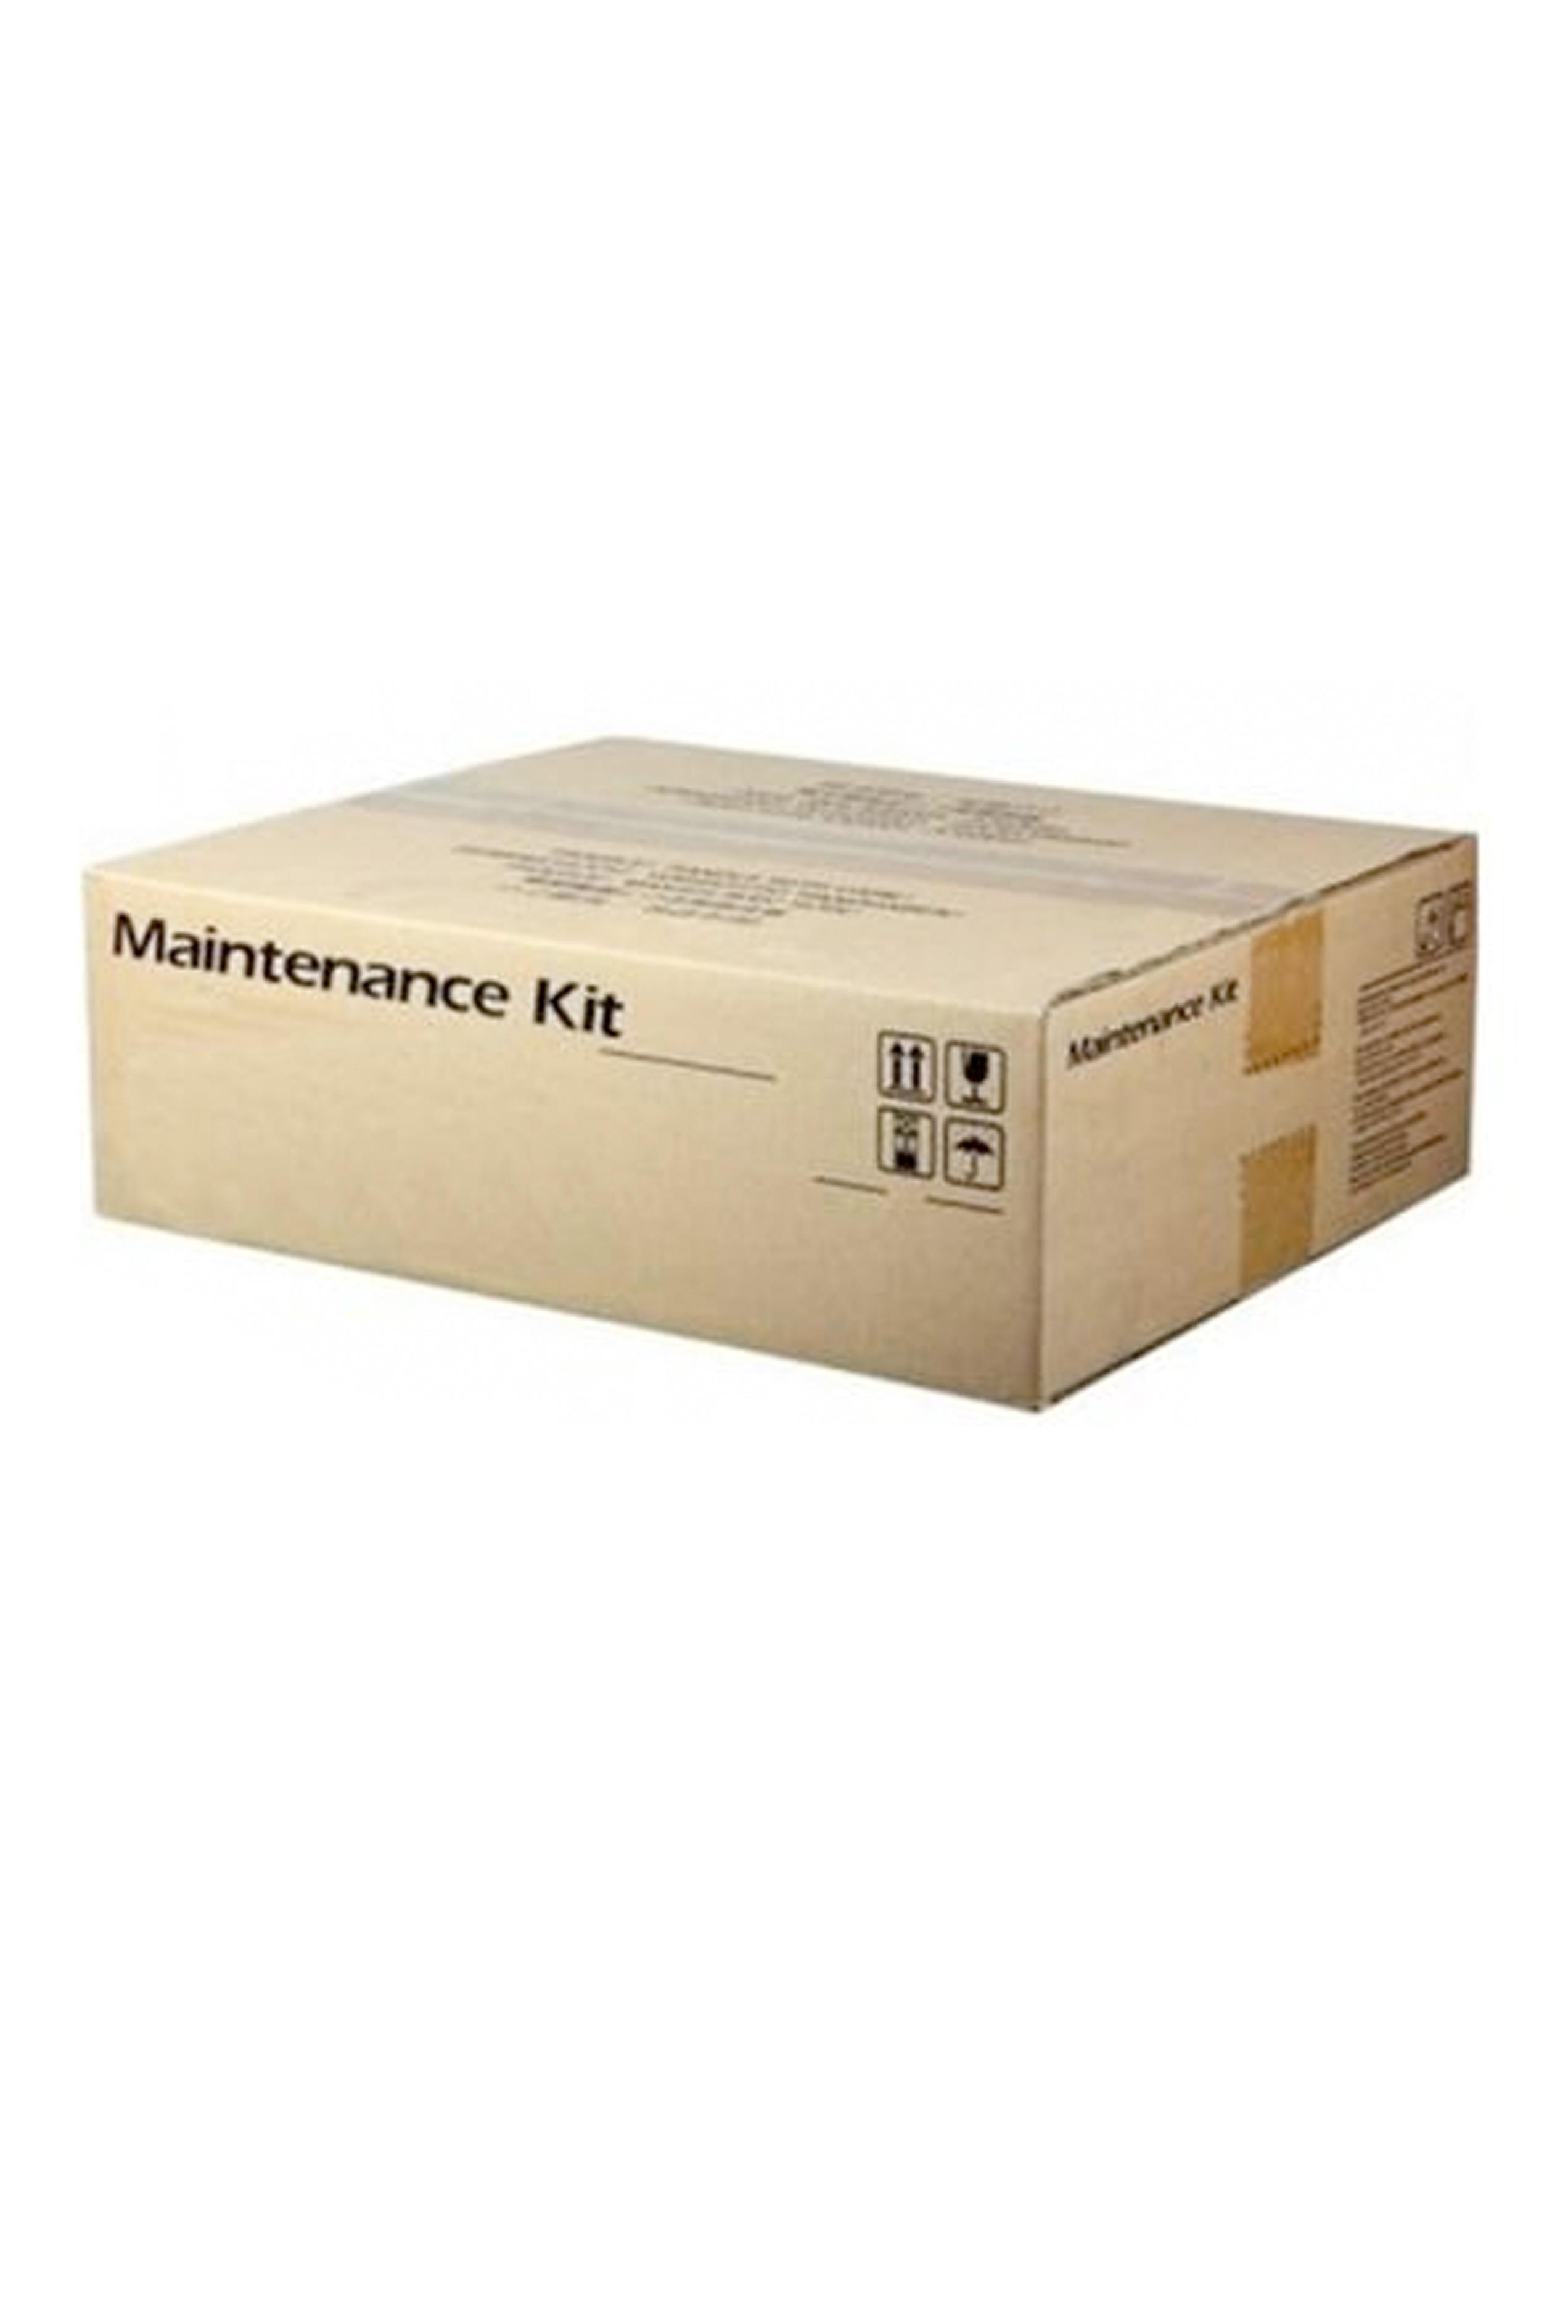 Kyocera 200K Maintenance Kit (MK-8115B)